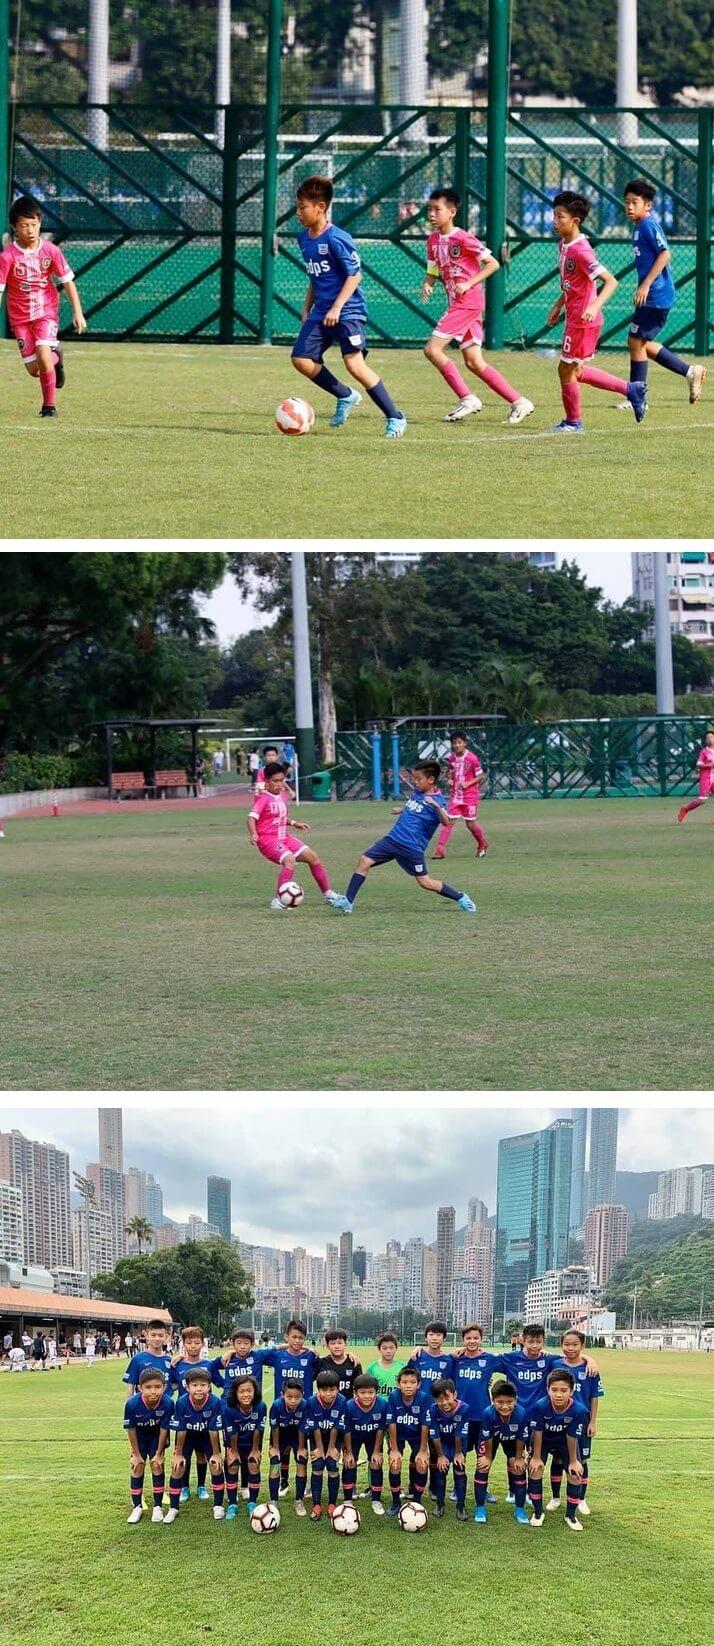 現在青少年期的徐榮儼如足球小將般踢得相當出色,朝着職業足球員的夢想已是漸行漸近。